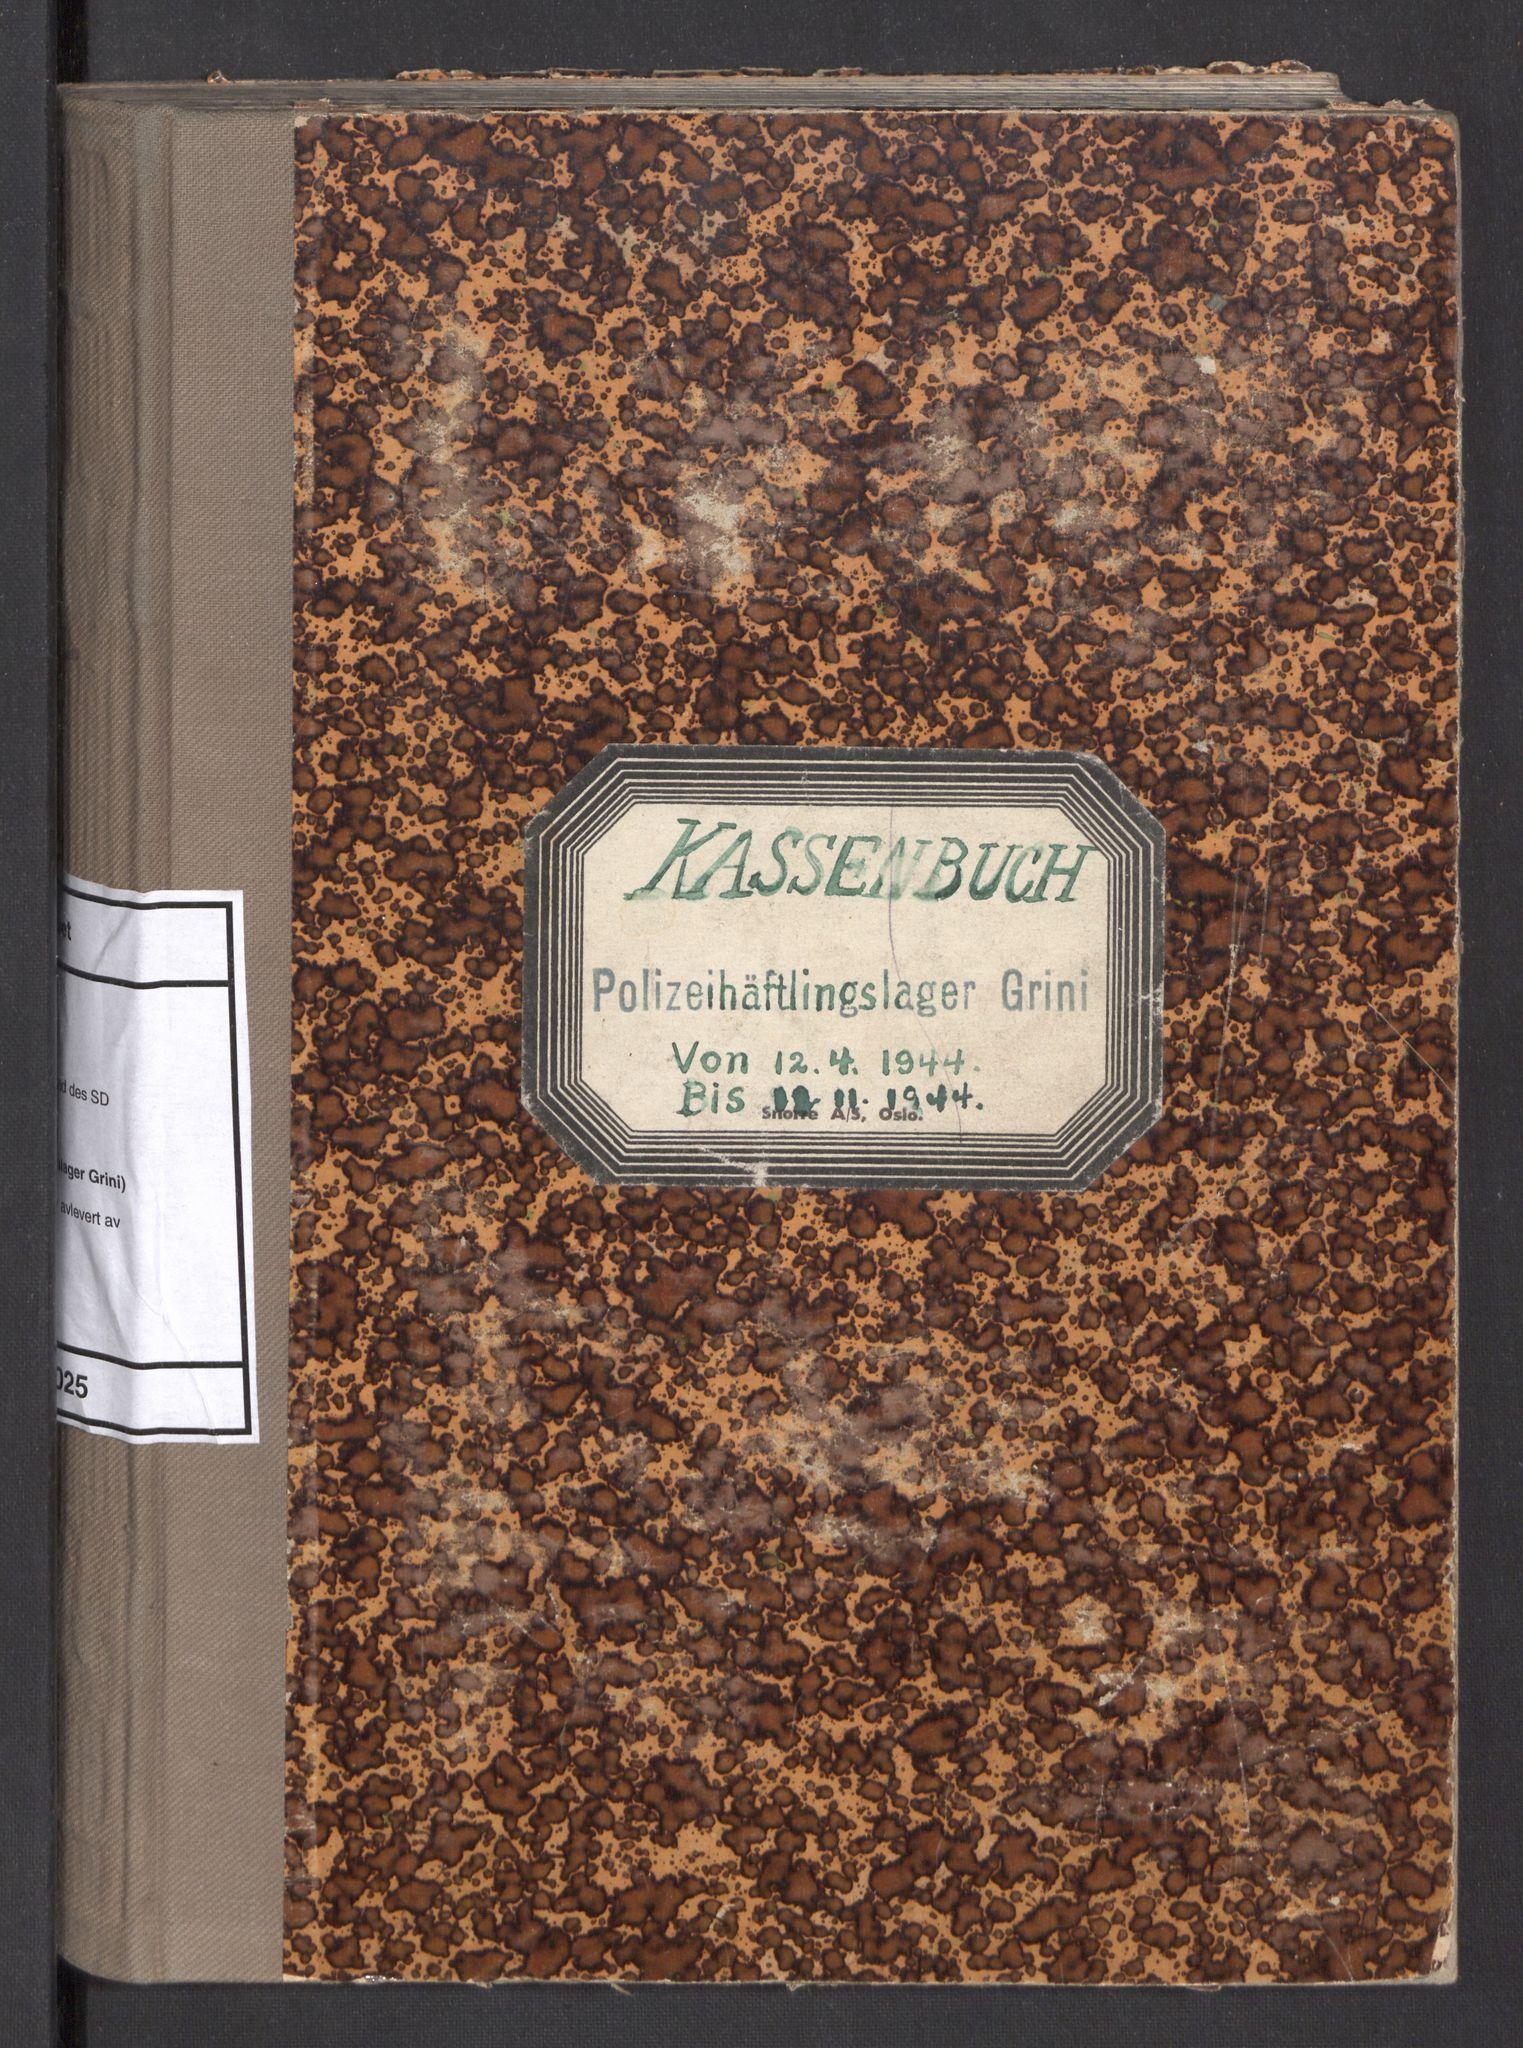 RA, Befehlshaber der Sicherheitspolizei und des SD, F/Fa/Faa/L0025: Kassenbuch. Oversikt over kontanter avlevert av fangene , 1944